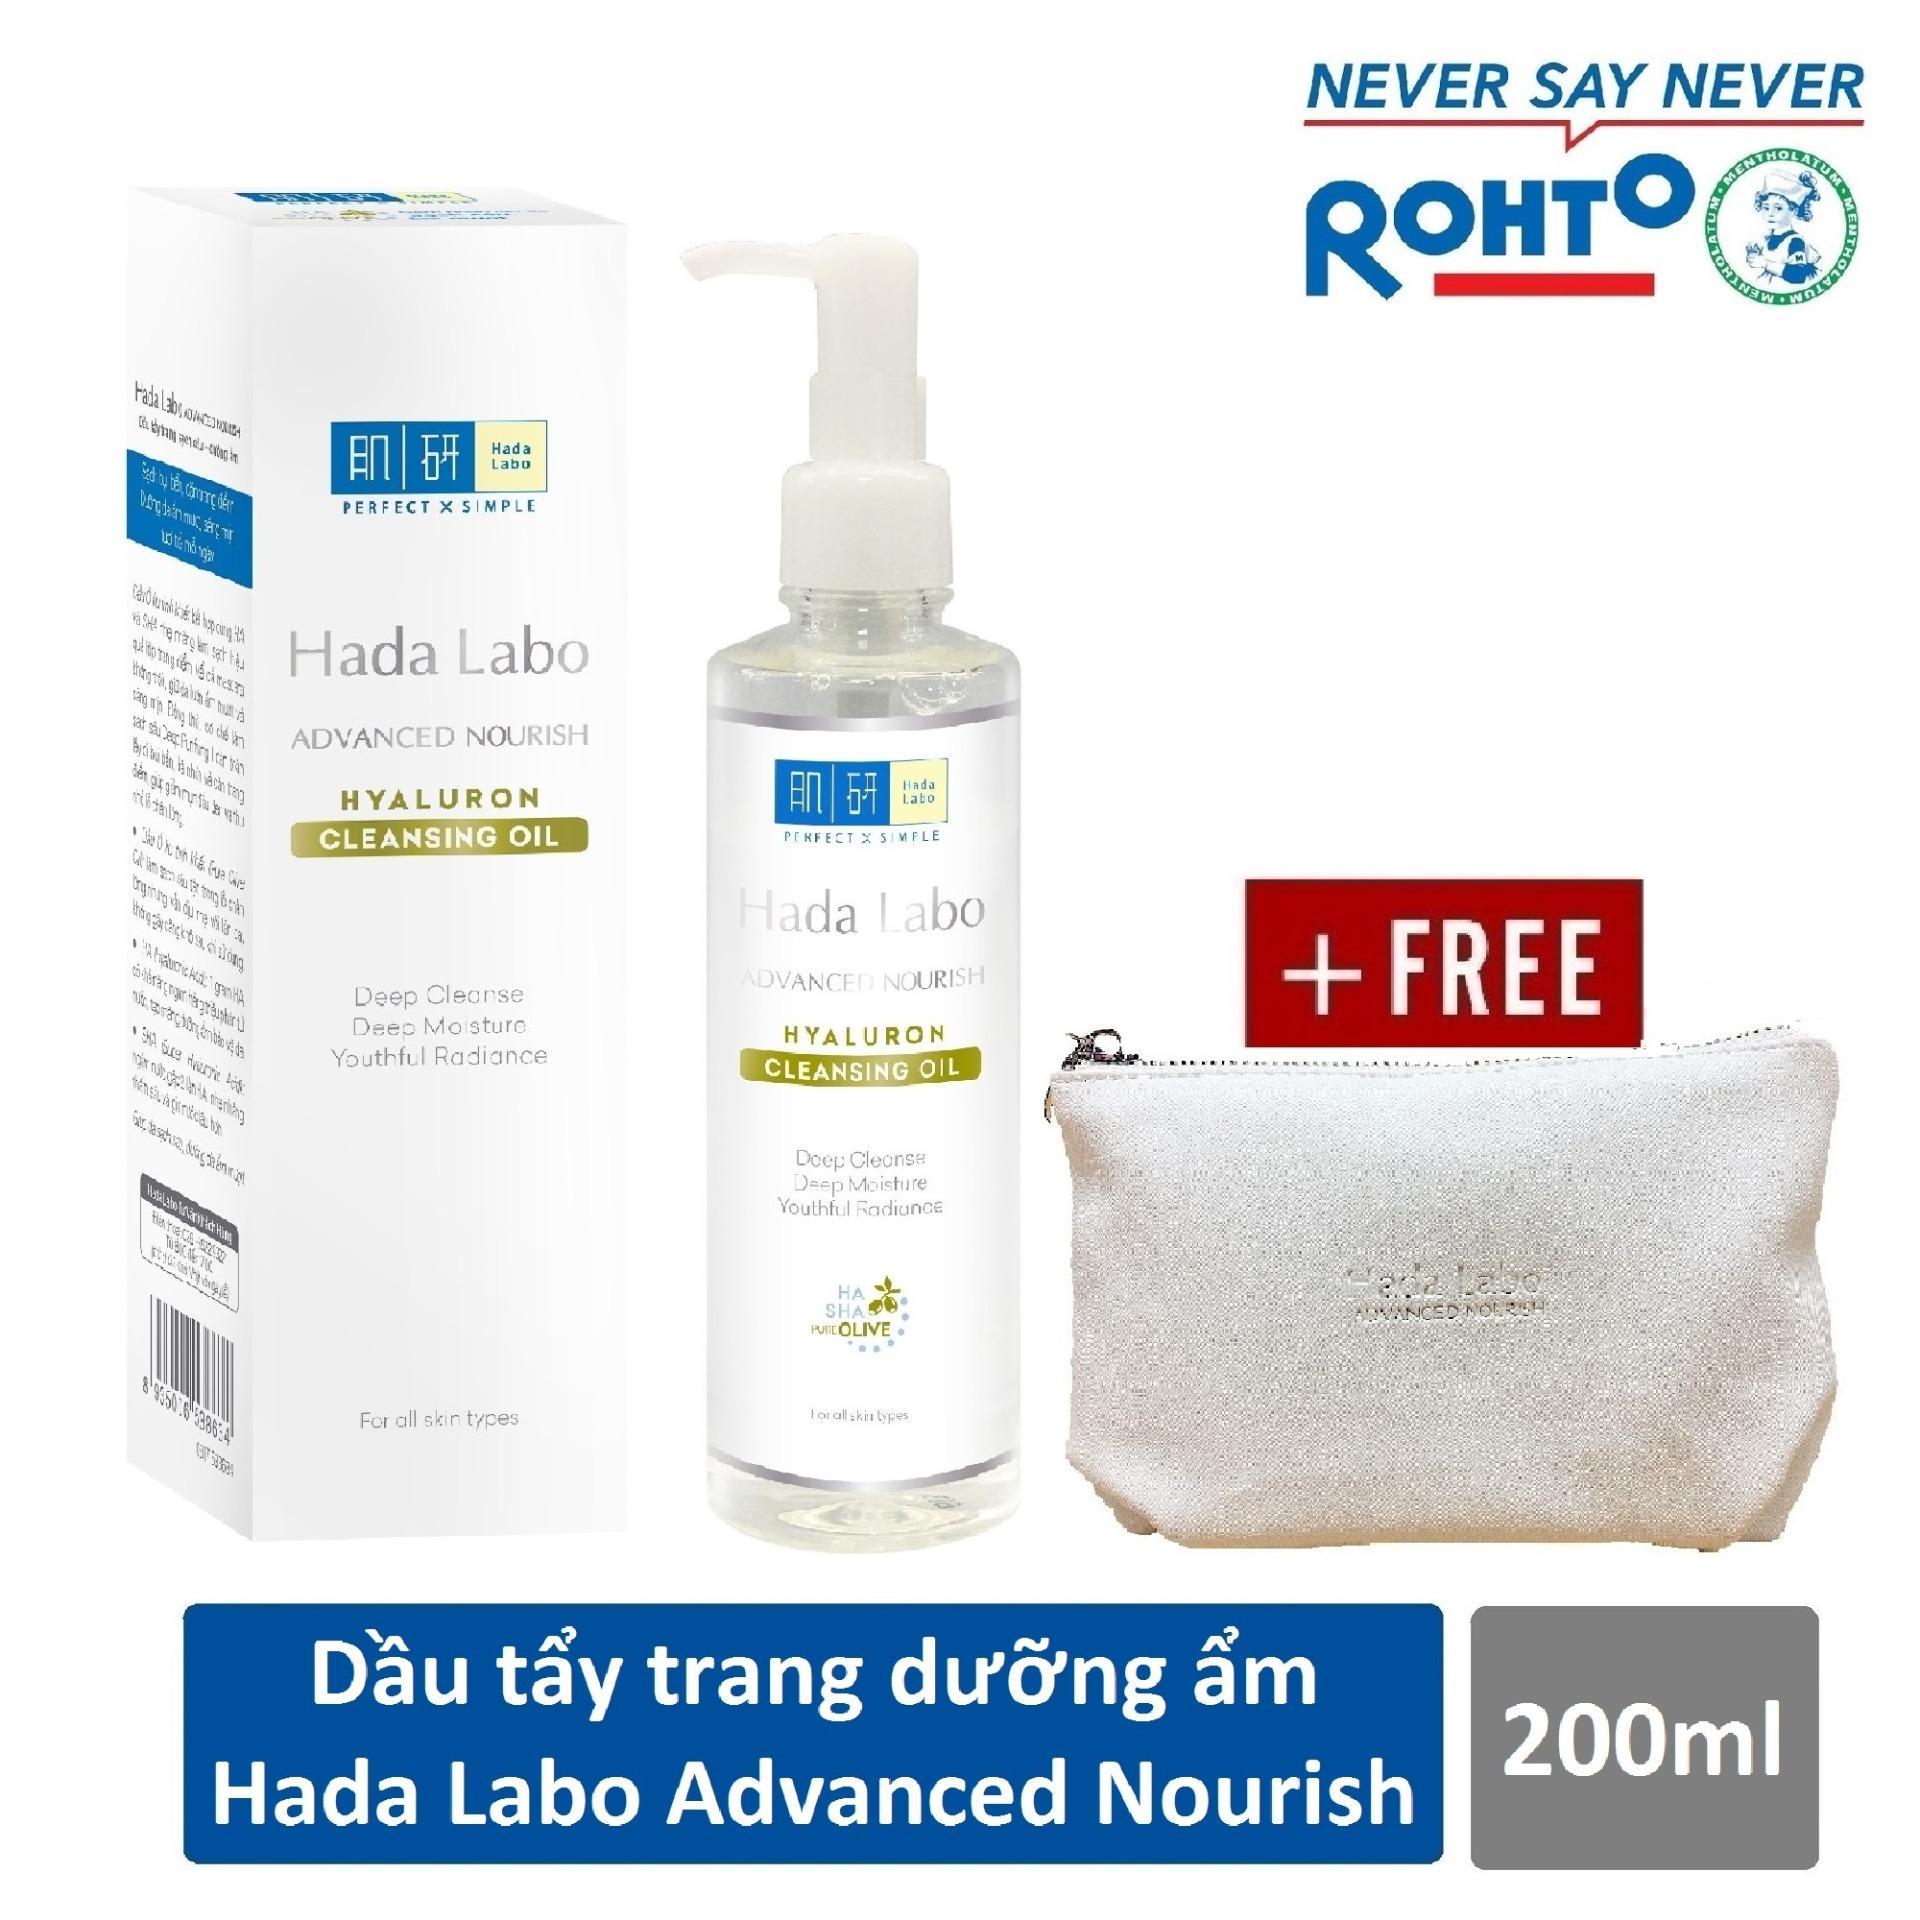 Dầu tẩy trang Hada Labo Advanced Nourish Hyaluron Cleansing Oil 200ml + Tặng Túi trang điểm cao cấp